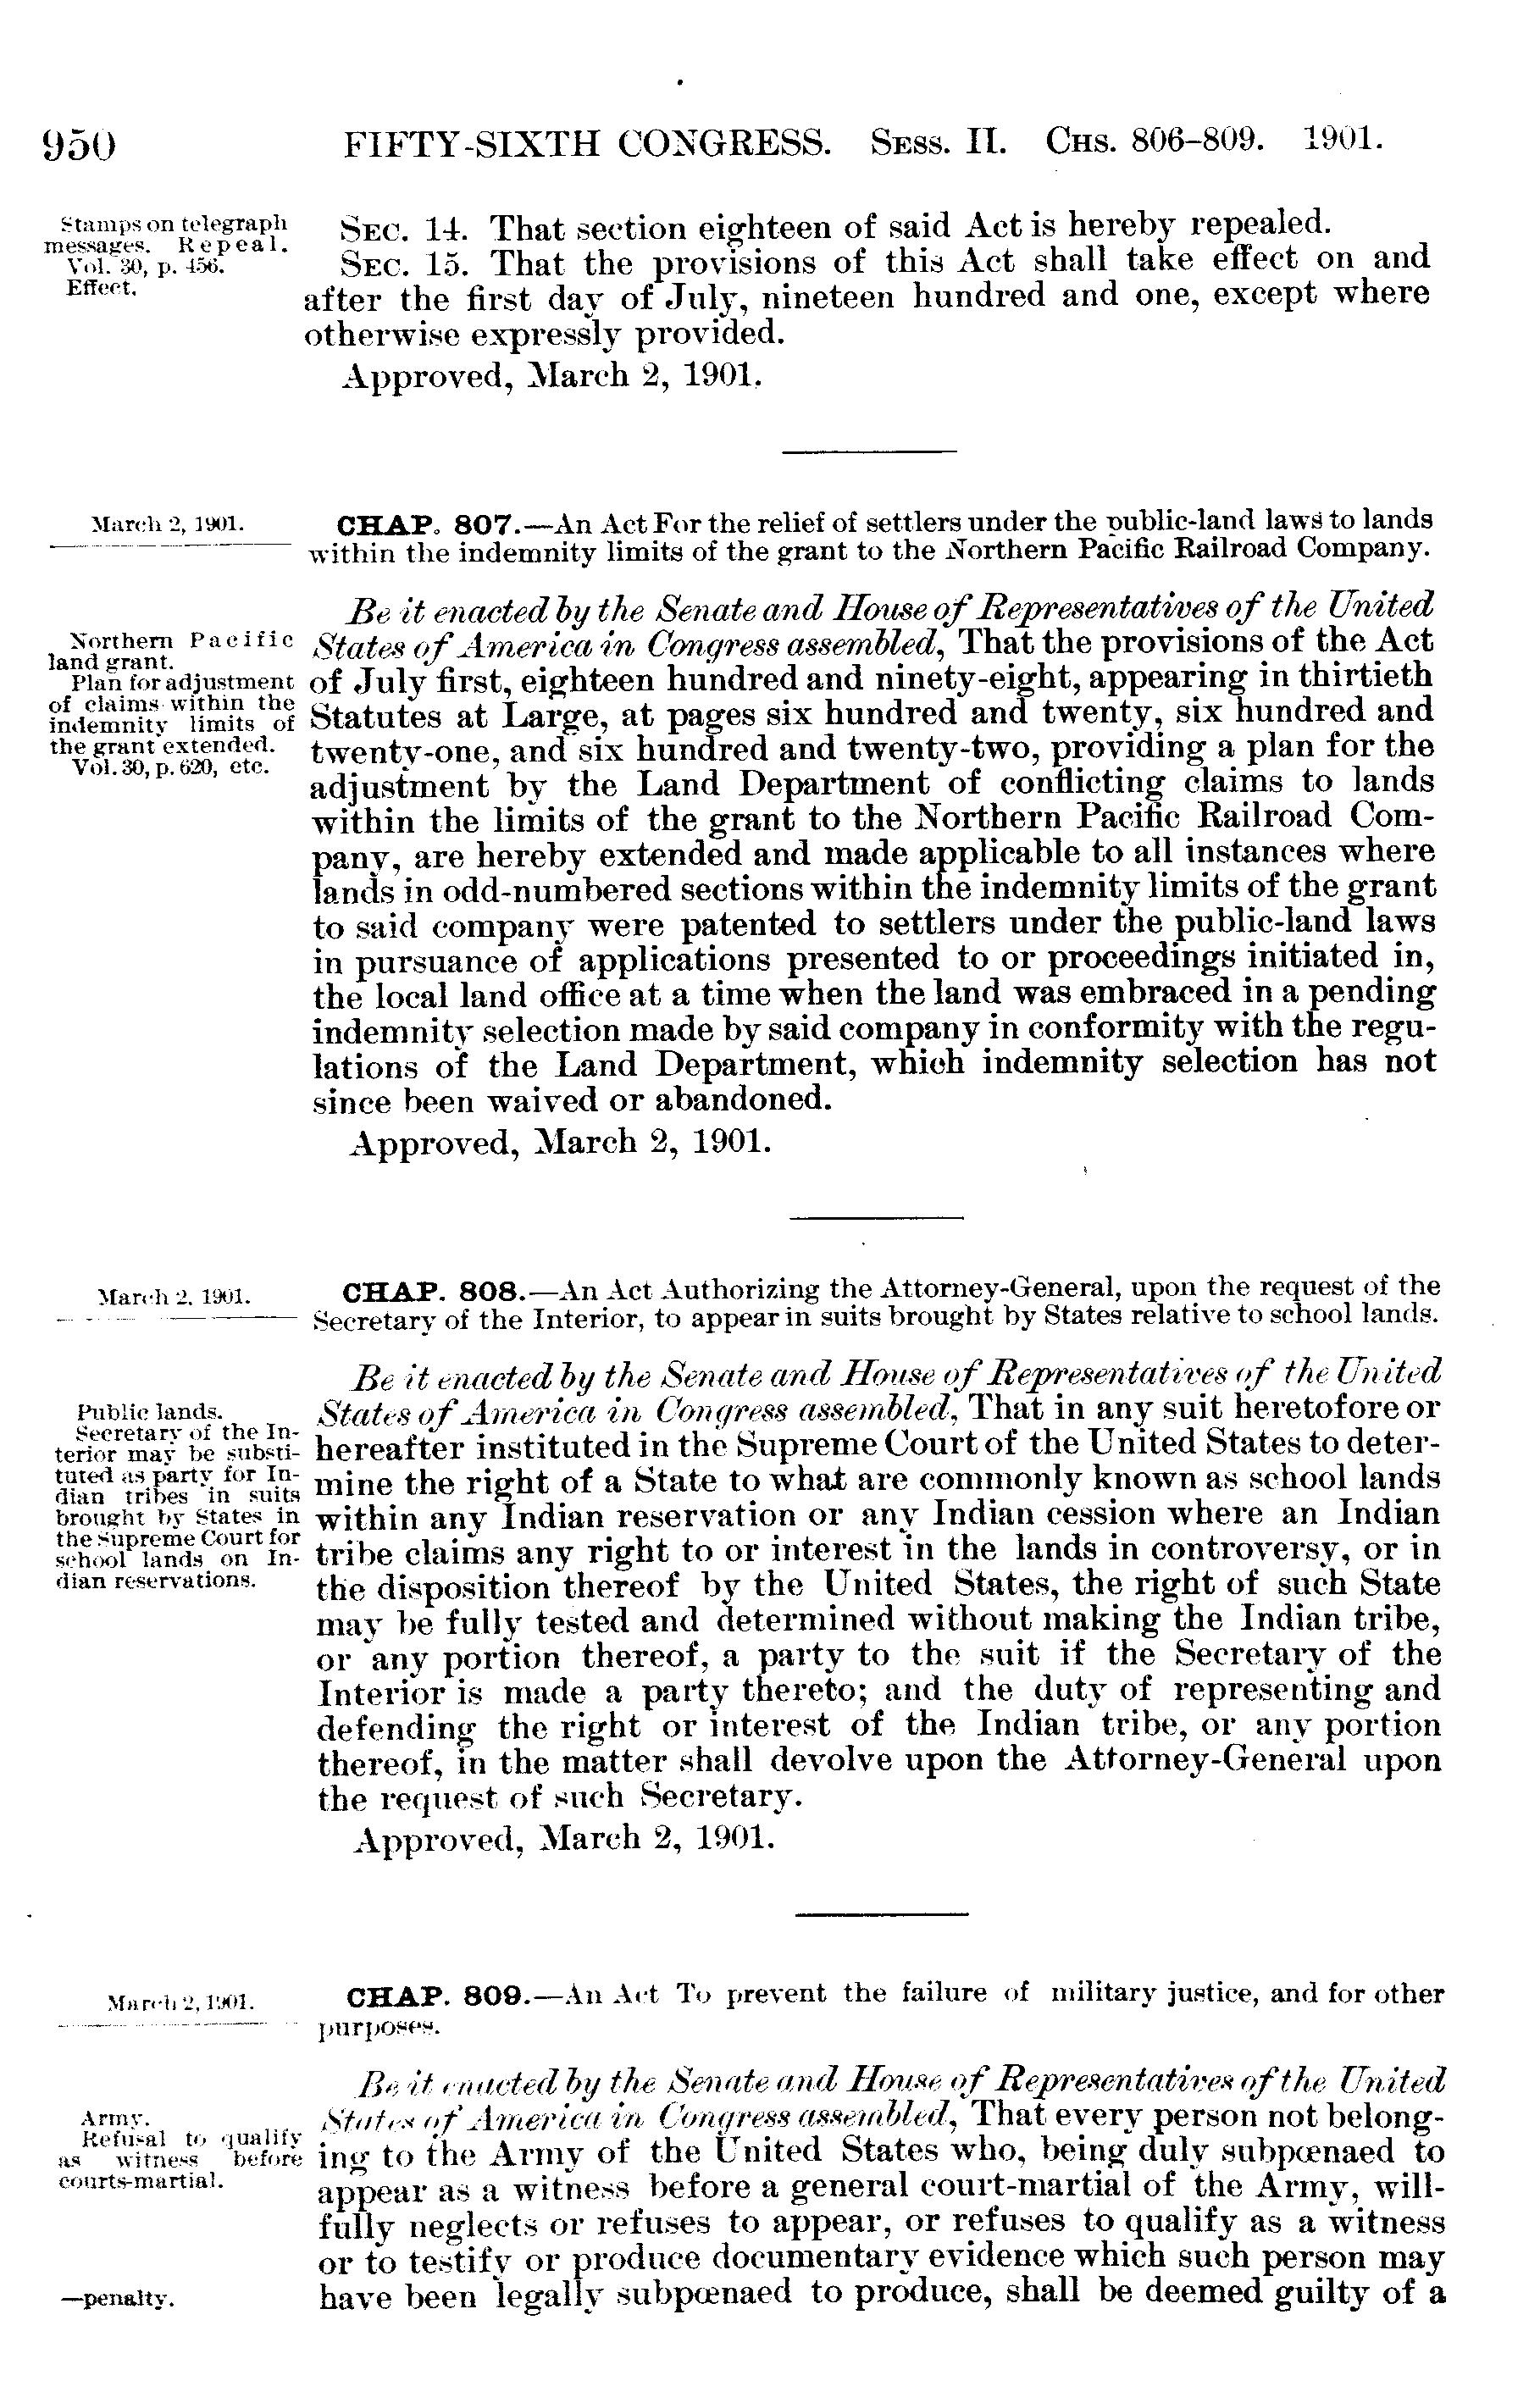 Mar  2, 1901, ch  808, 31 Stat  950